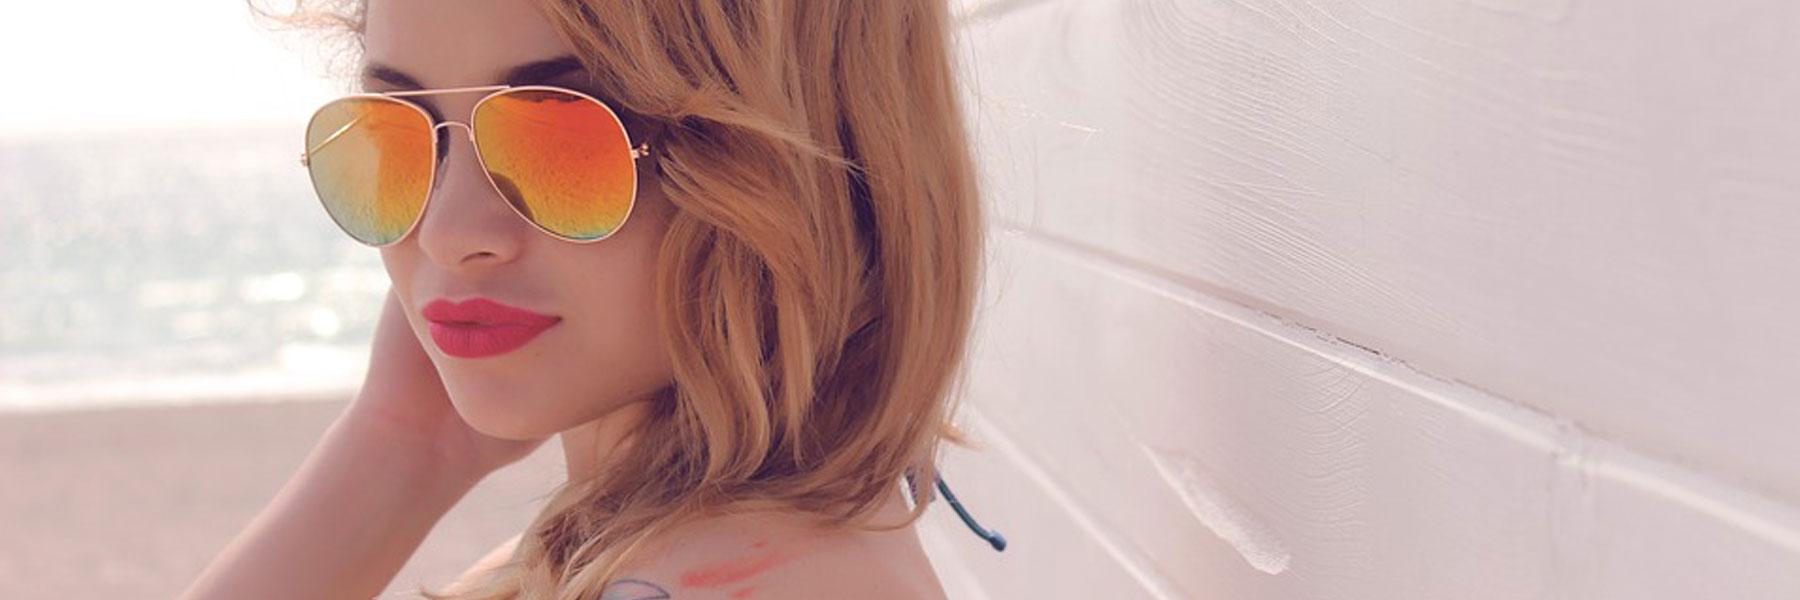 Header_Gibt-es-einen-Fielmann-Sonnenbrillen-Online-Shop_1800x600.jpg